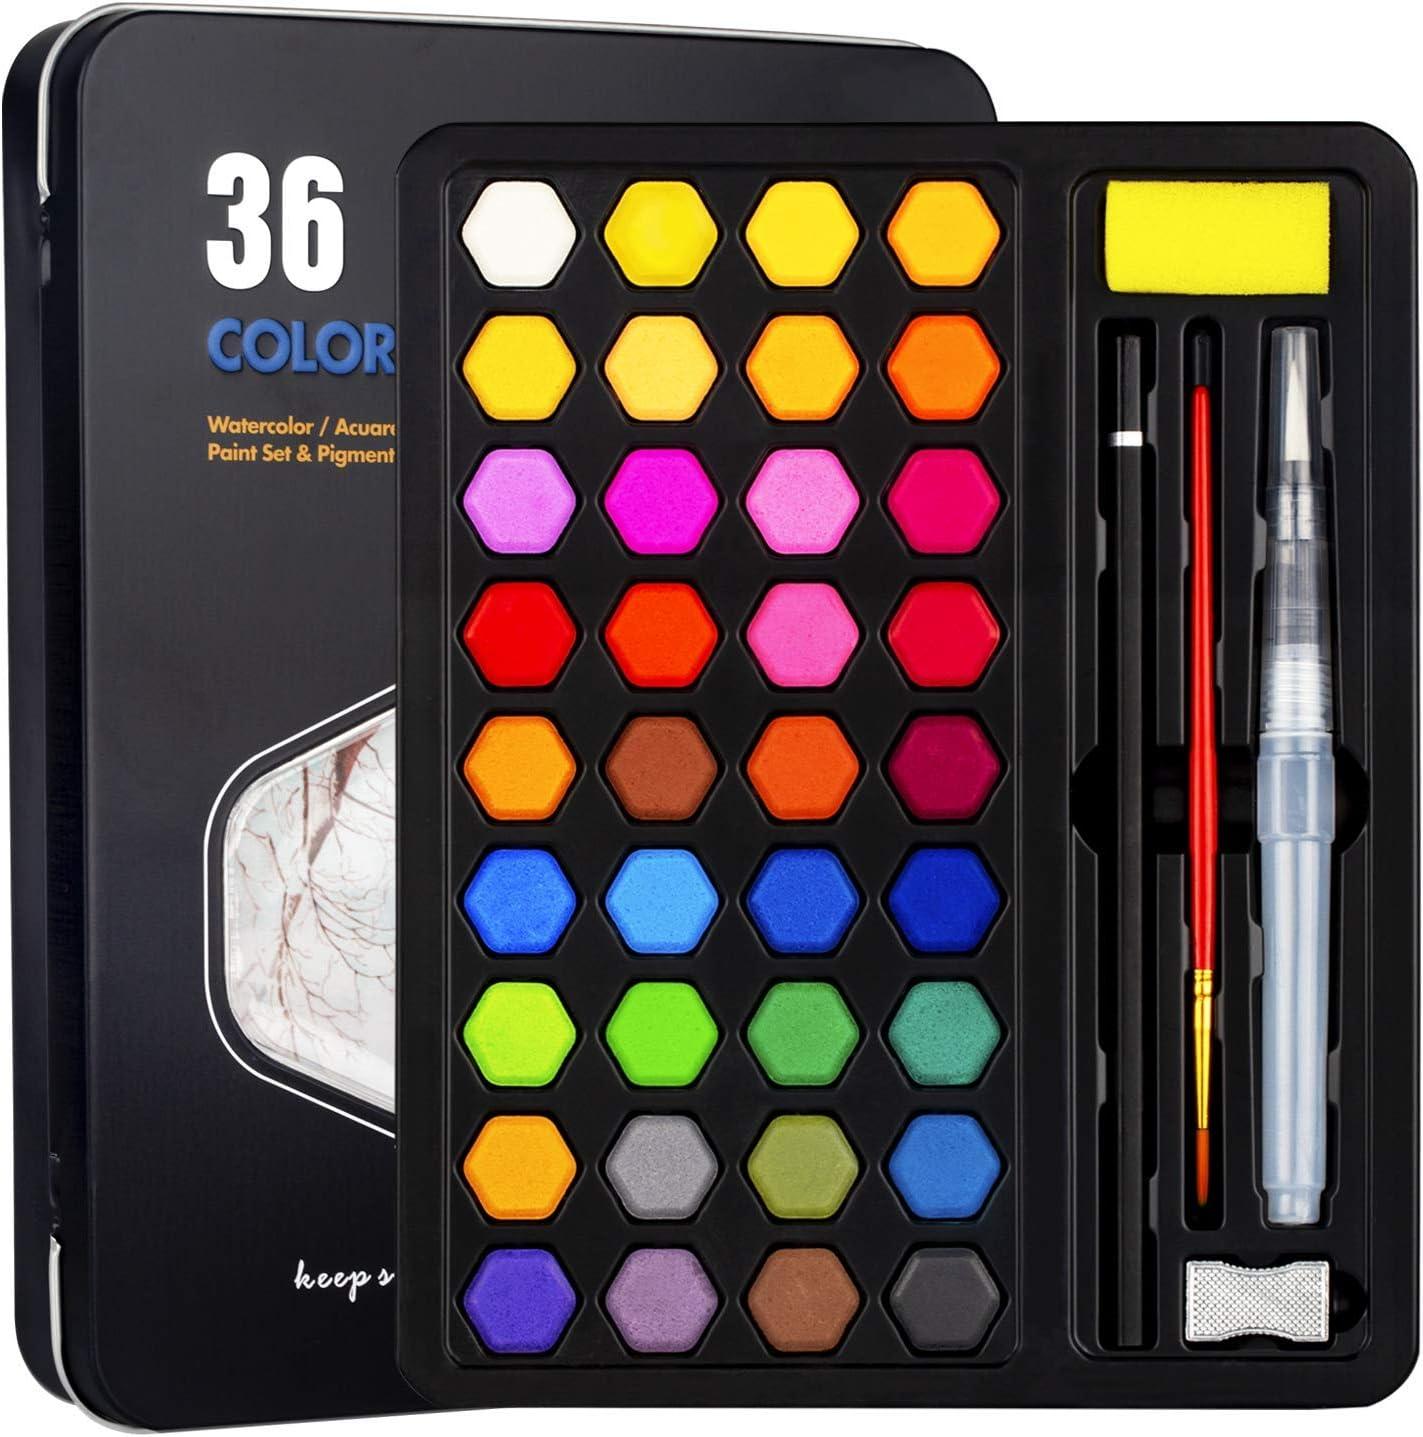 Xpassion Caja de Acuarelas, Set de Pintura de Acuarelas 36 Colores Metal Estuche Pigmento Sólido Acuarela Conjunto, Juego de Pintura de Acuarela para Niños,Principiantes,Regalo de navidad,Cumpleaños